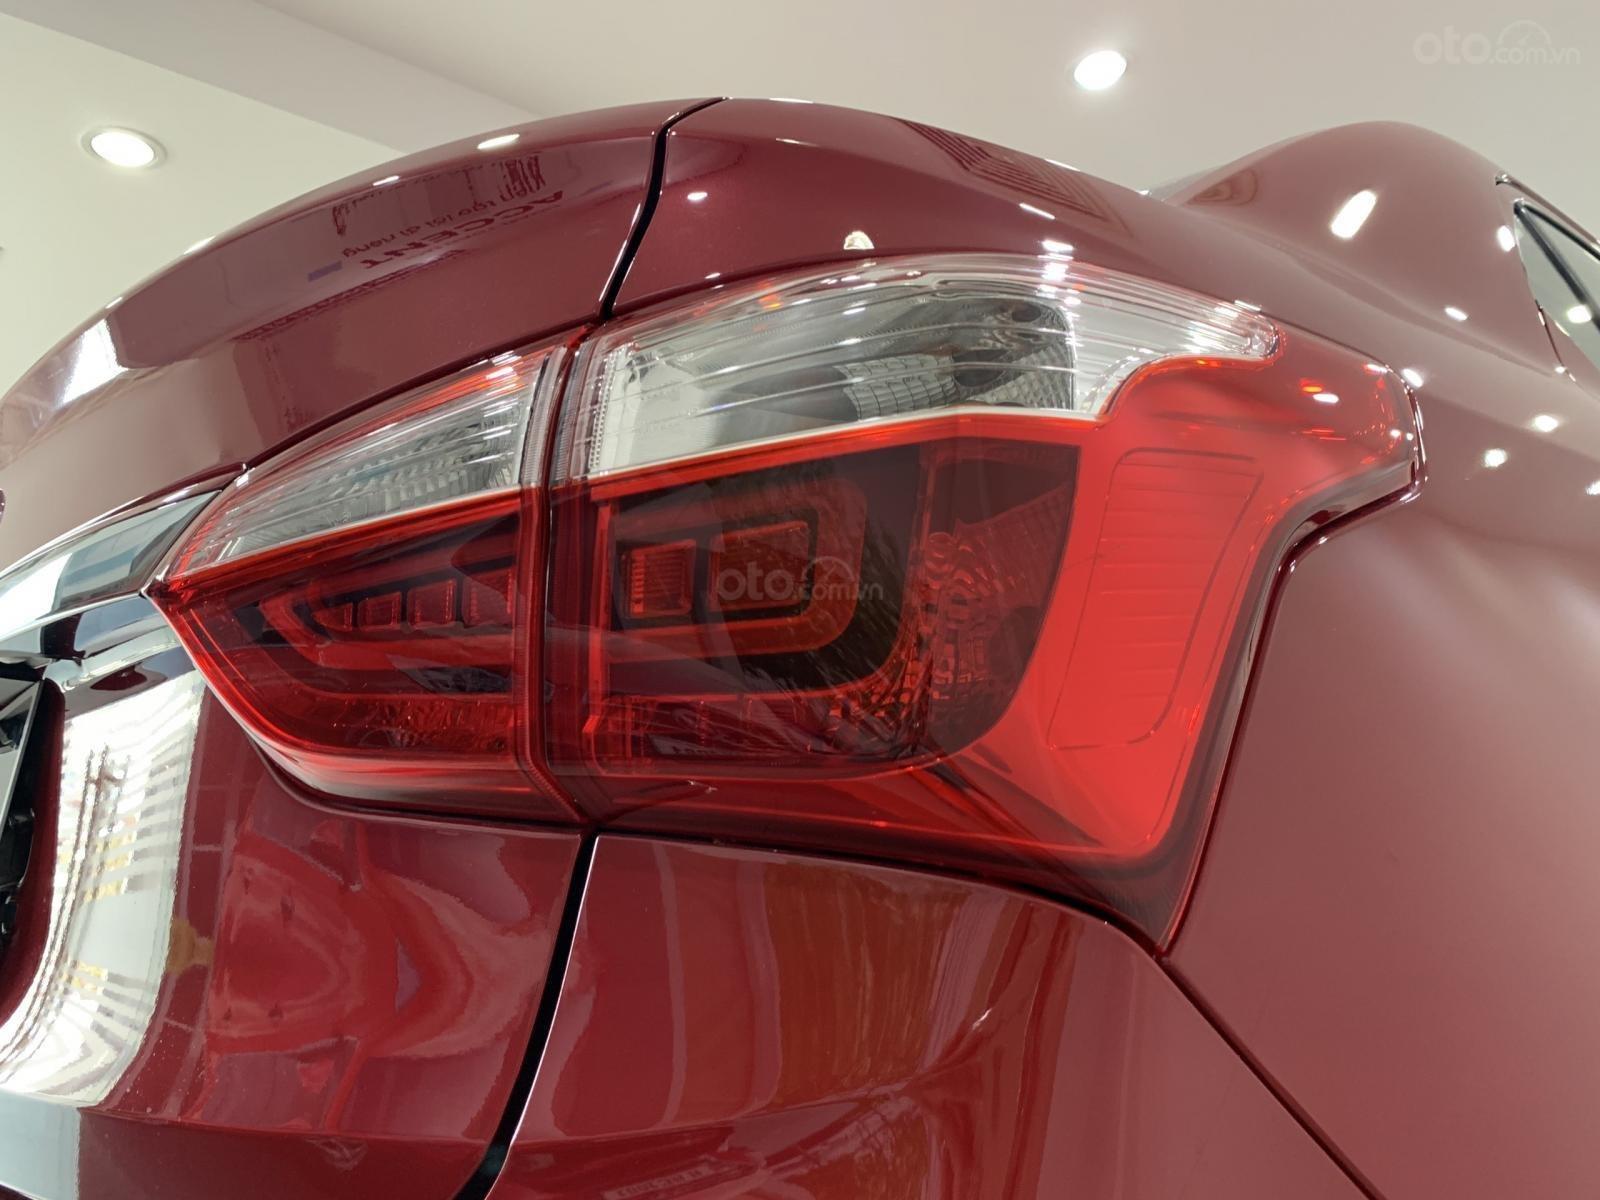 Bán Hyundai Grand I10 Sedan MT đỏ giao ngay, hỗ trợ đăng kí Grab, lấy xe chỉ với 130tr, LH 0977139312 (5)